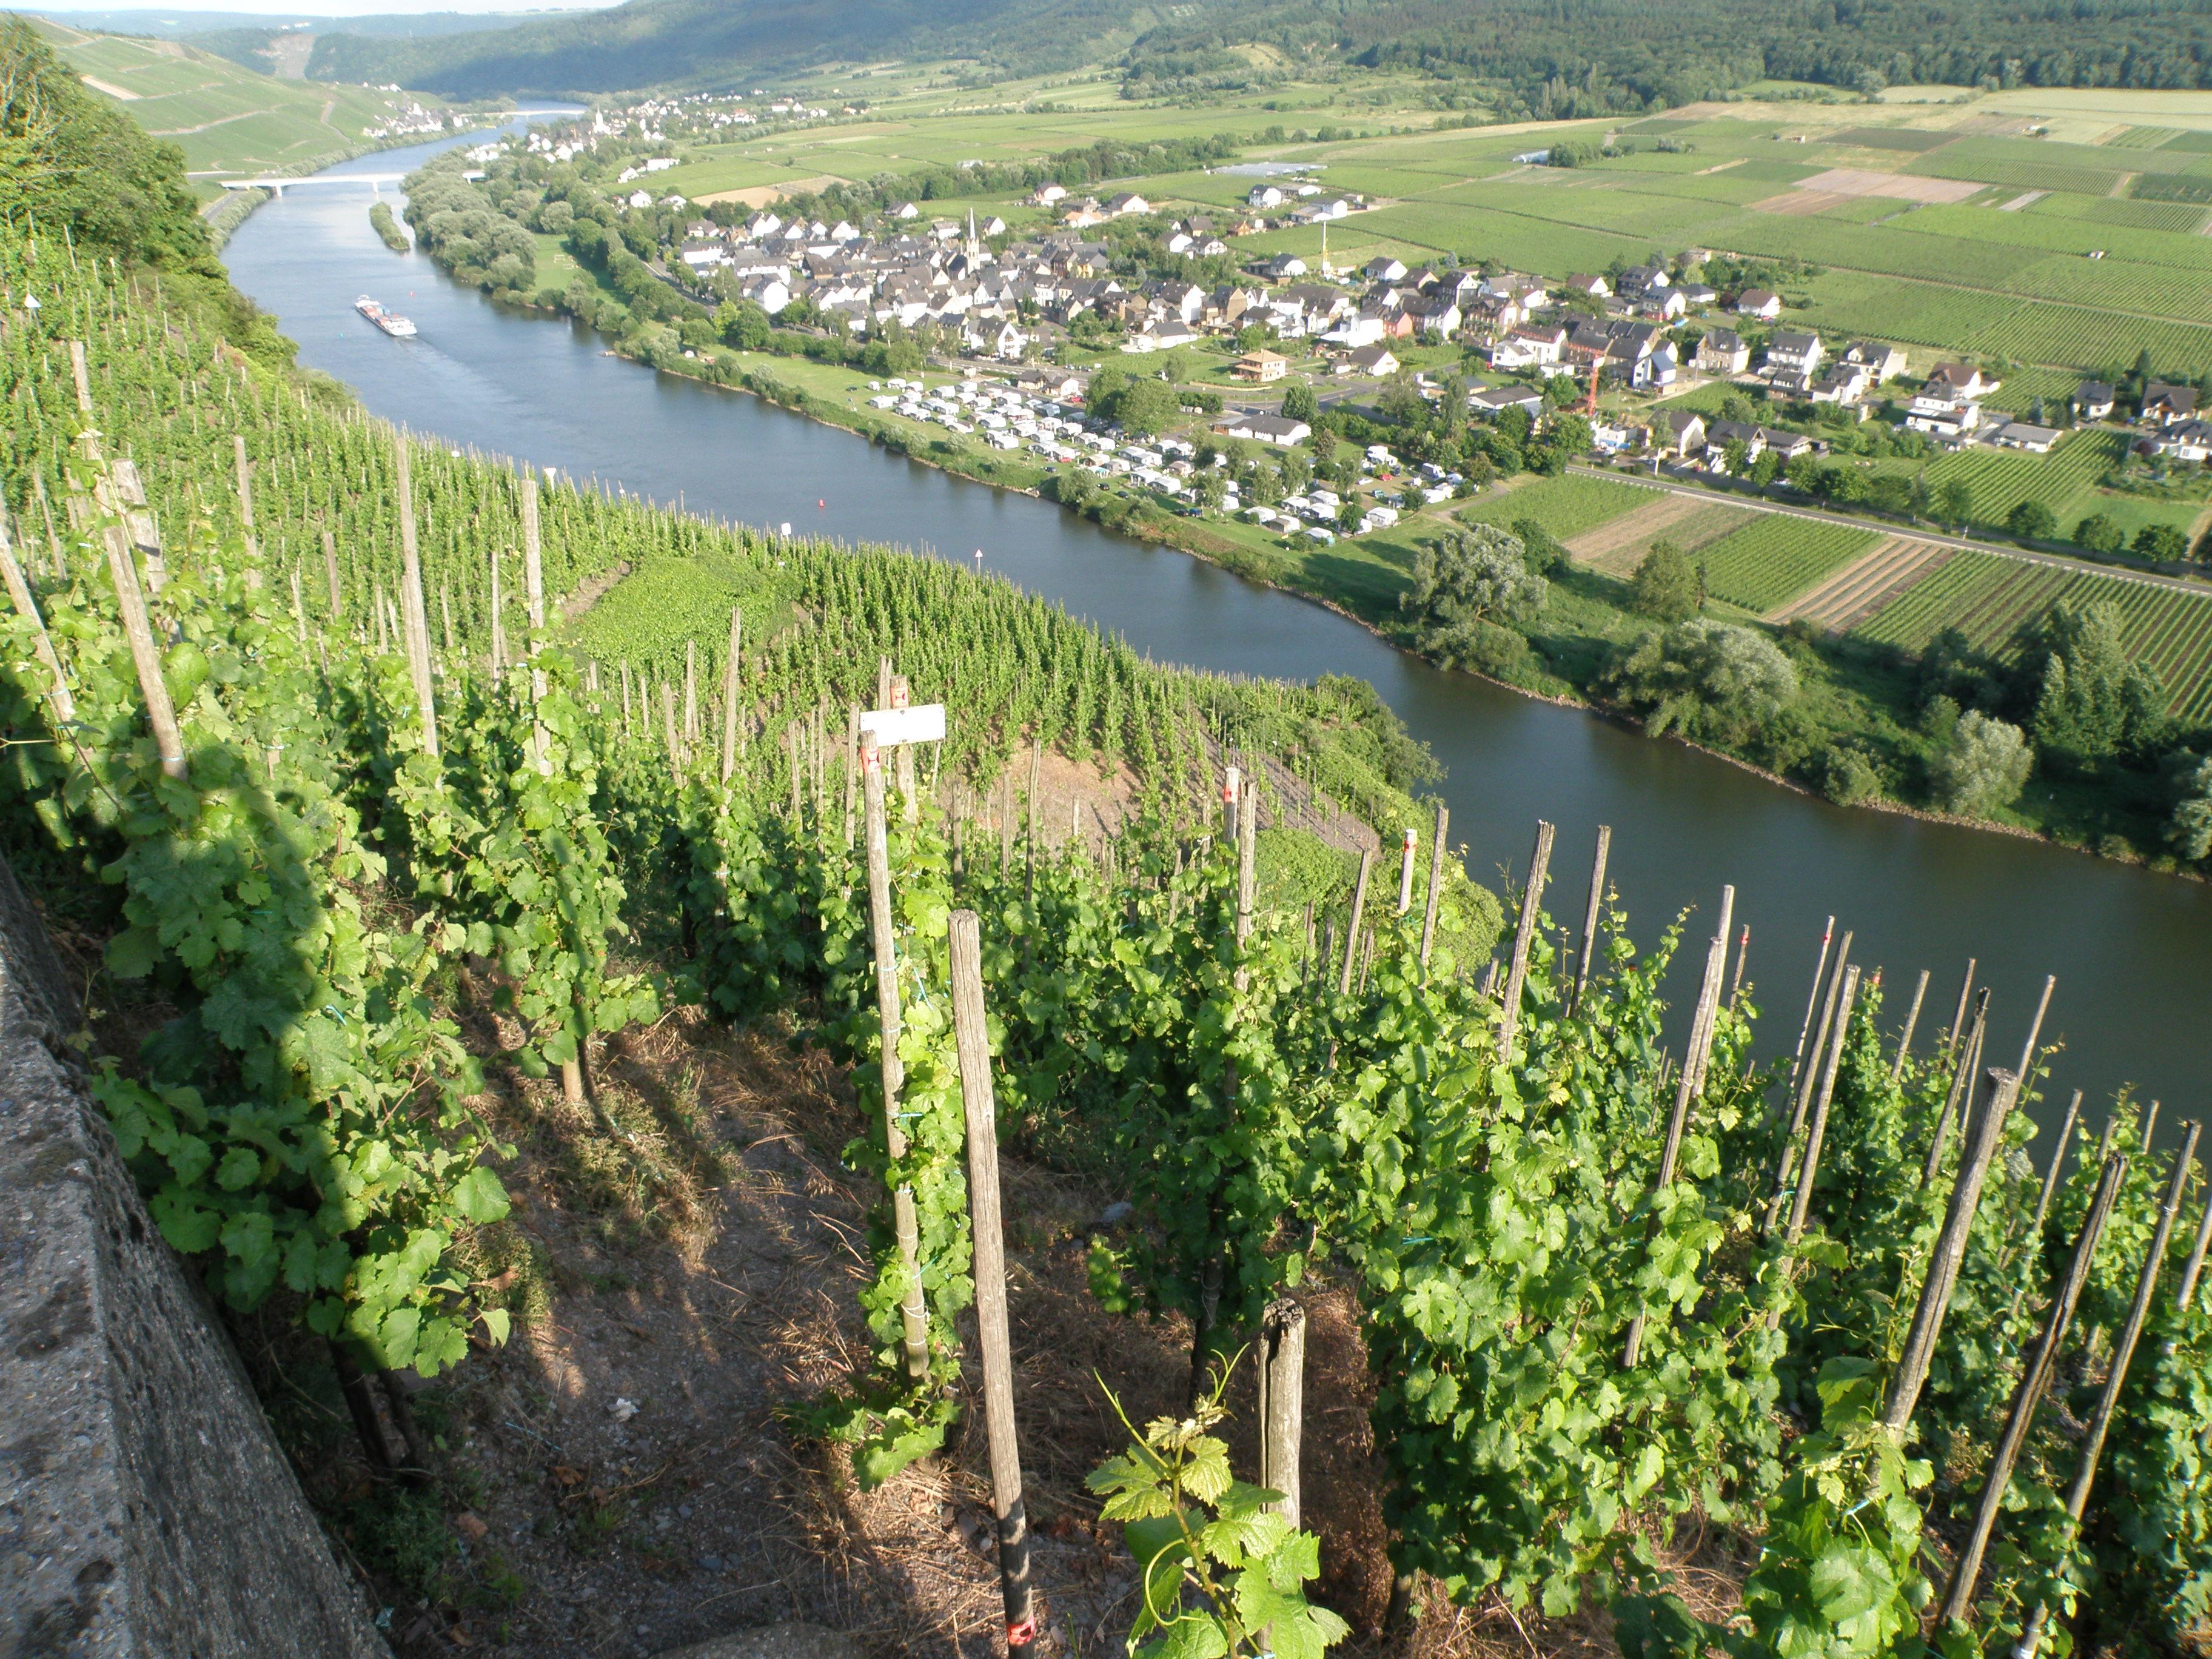 I vini della Mosella e dell'Alsazia